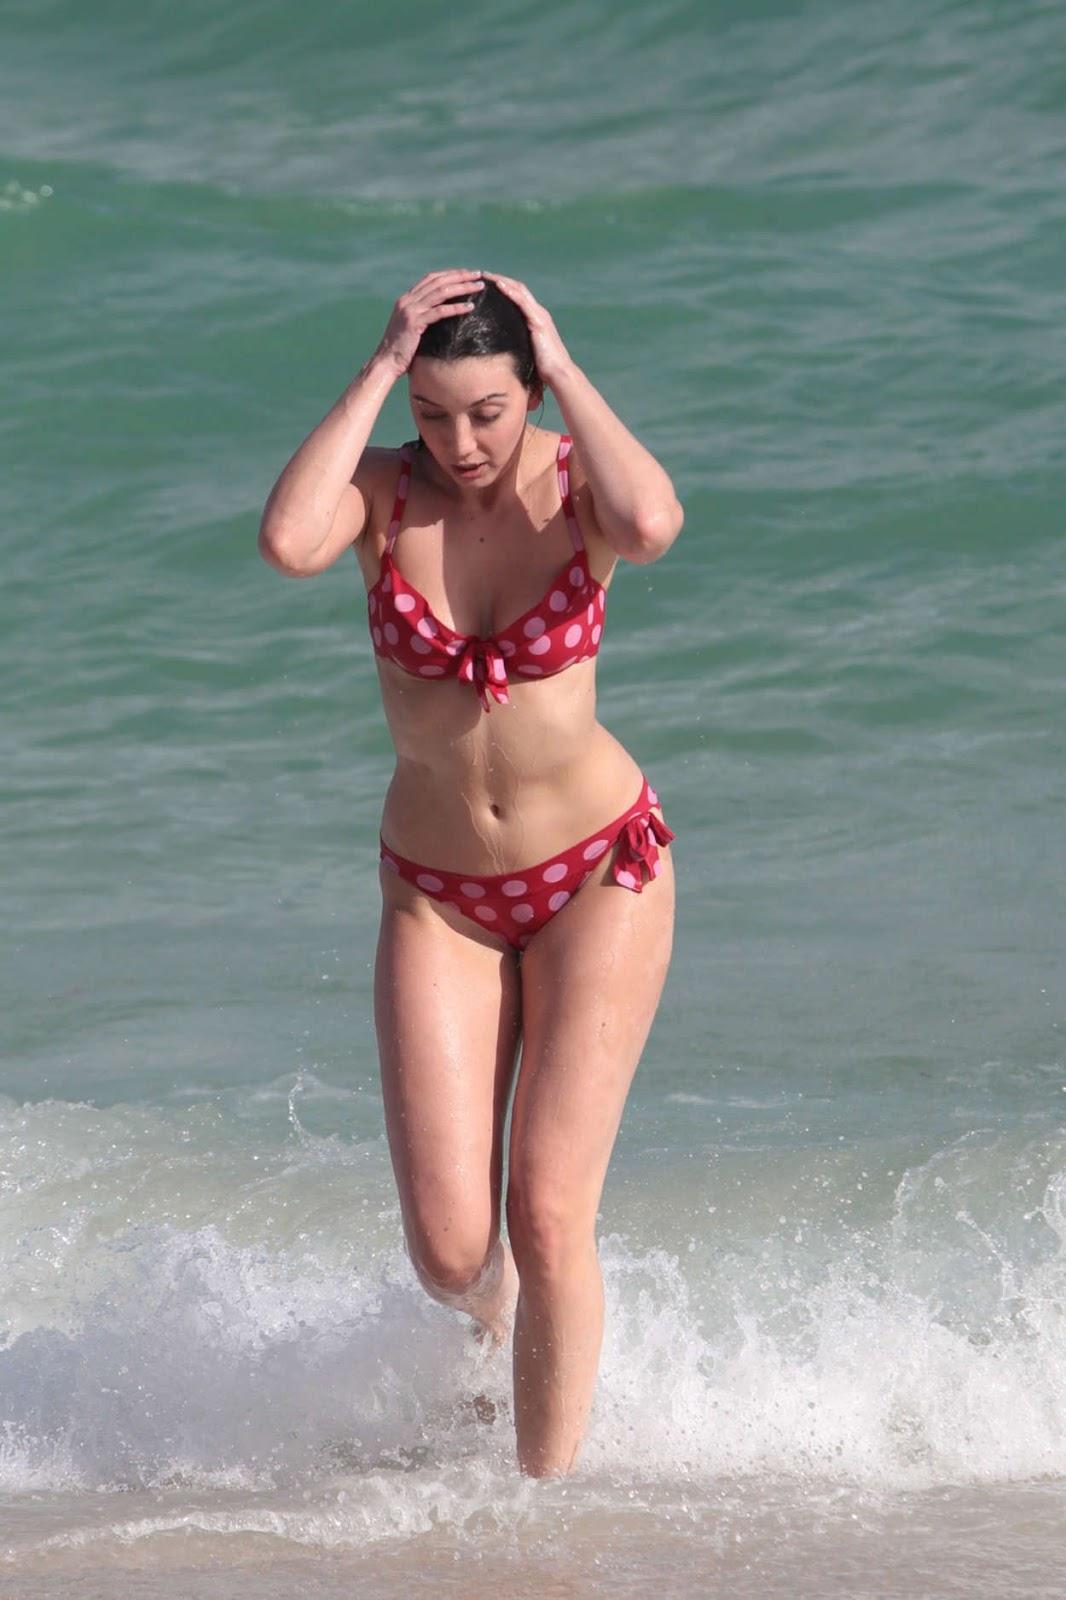 Daisy Lowe in Bikini on Miami Beach - Photo Daisy Lowe 2016